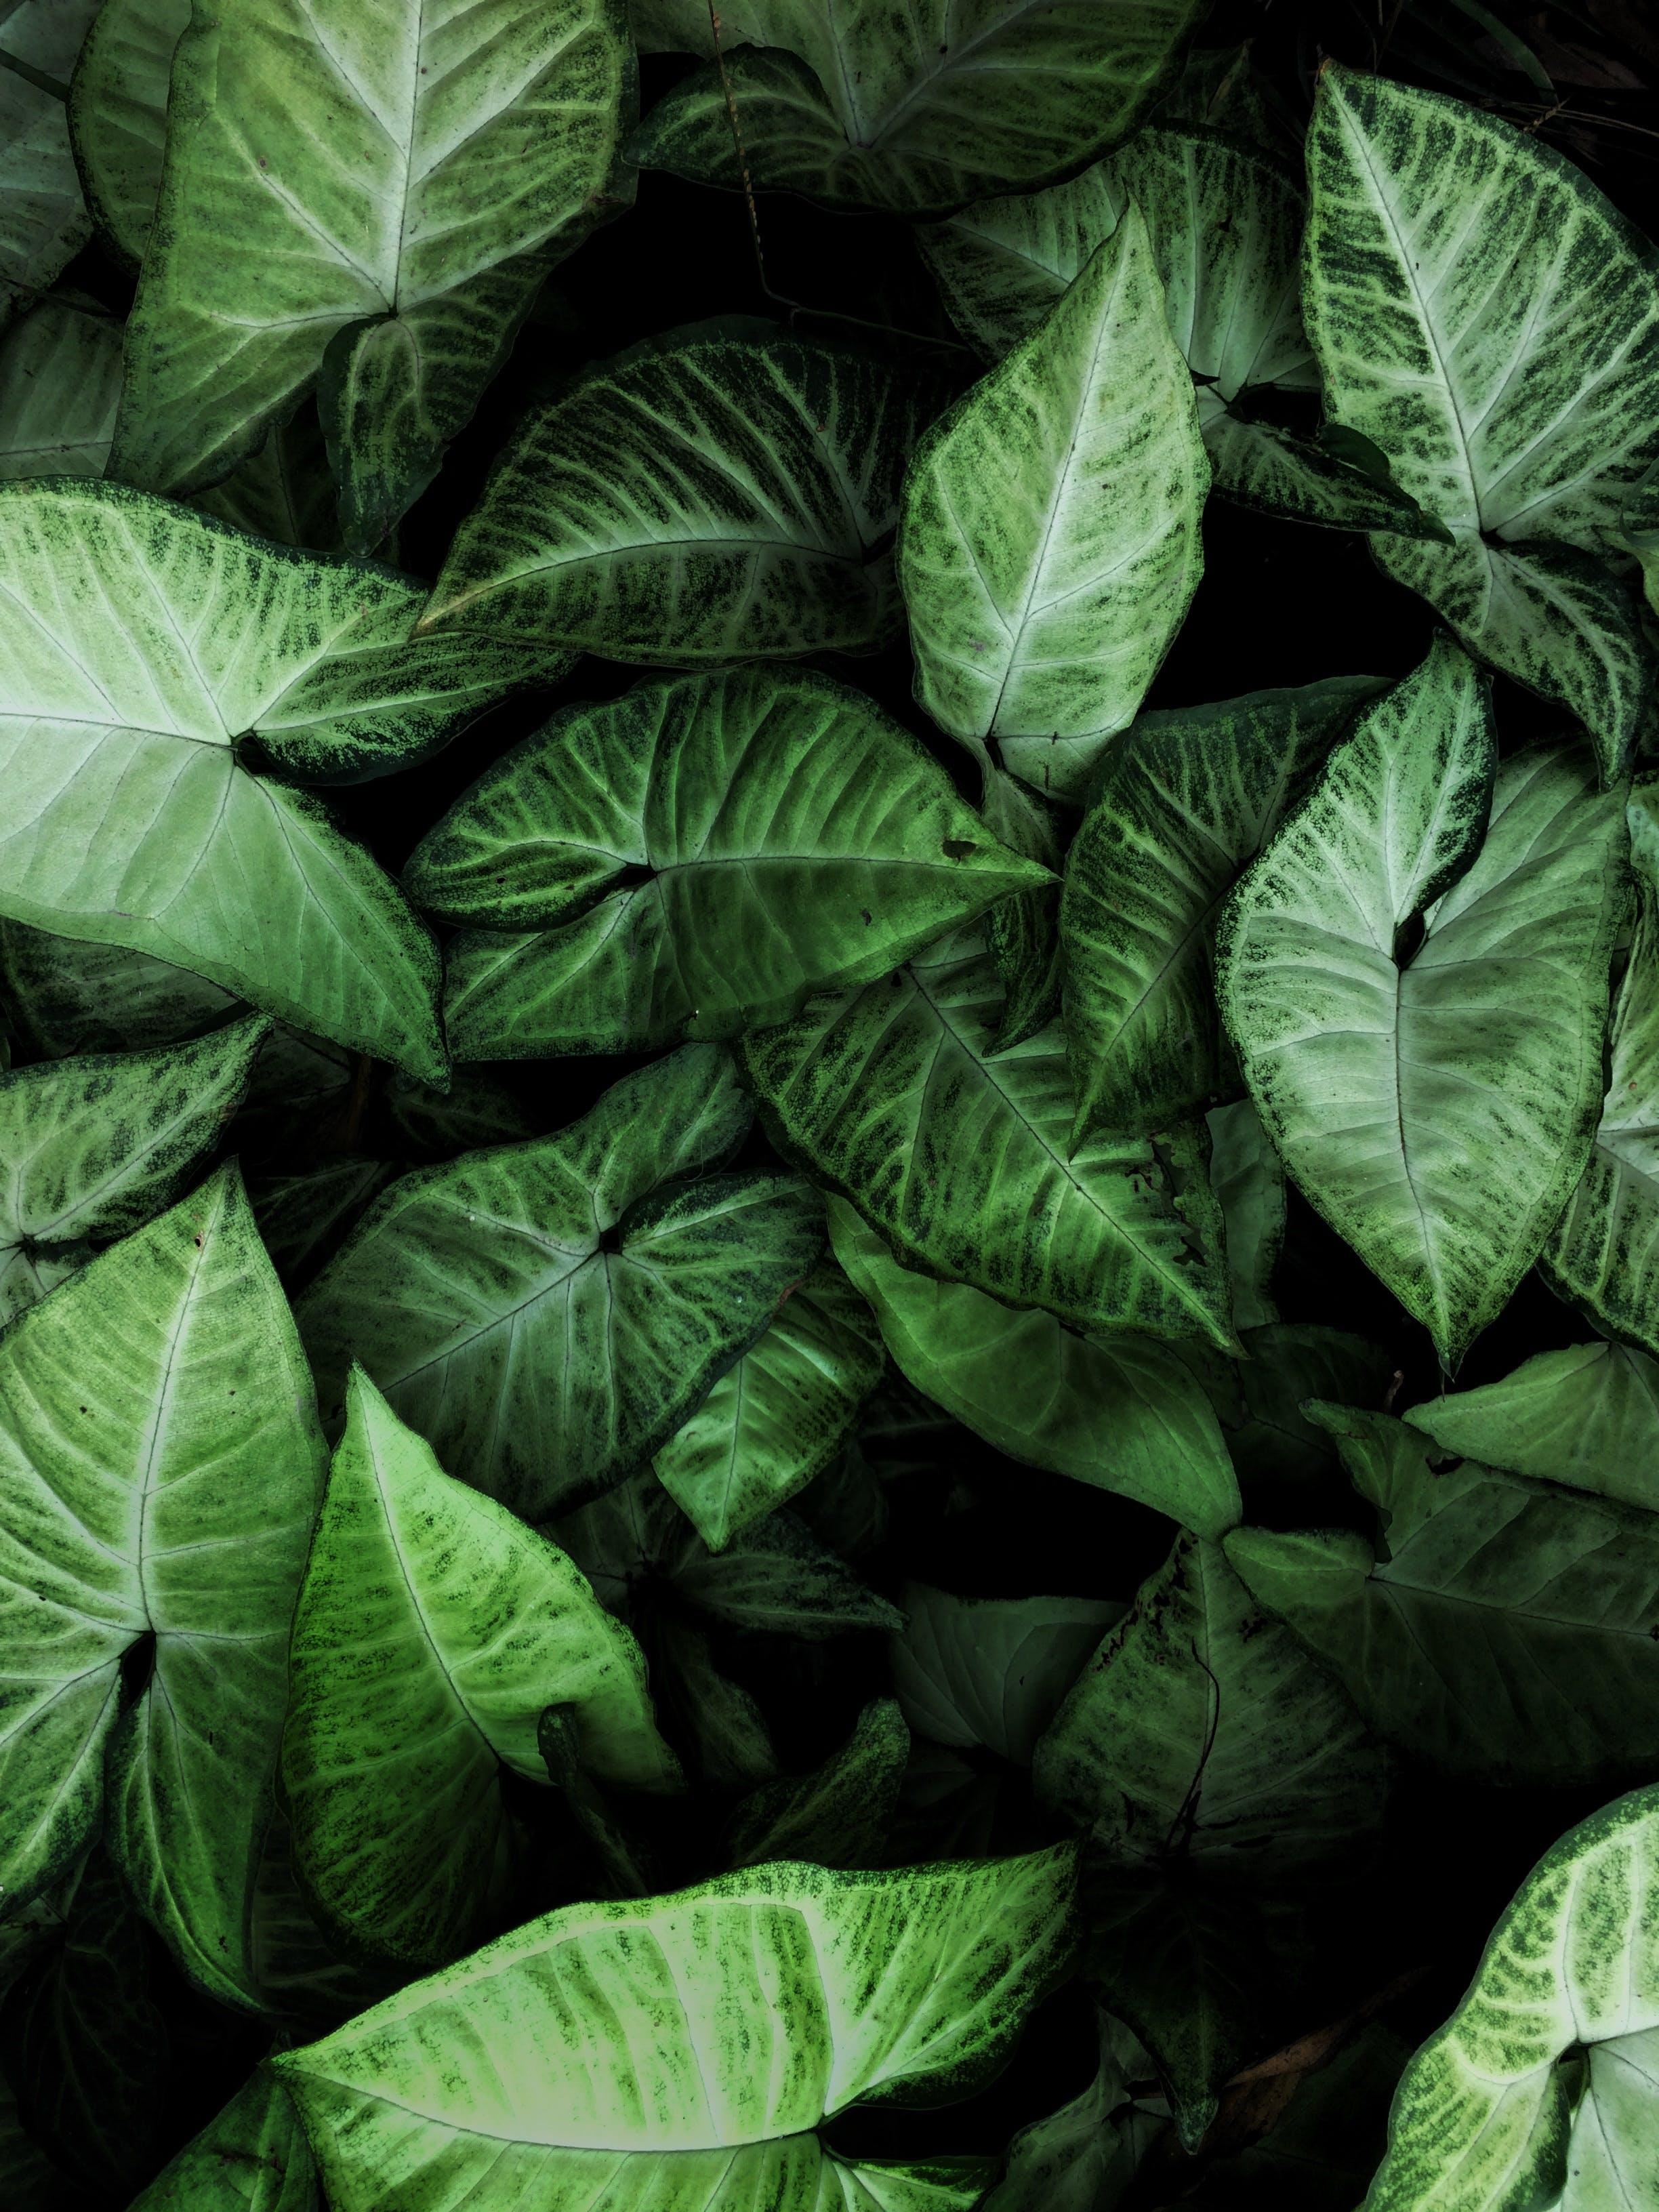 光合作用, 圖案, 增長, 夏天 的 免費圖庫相片